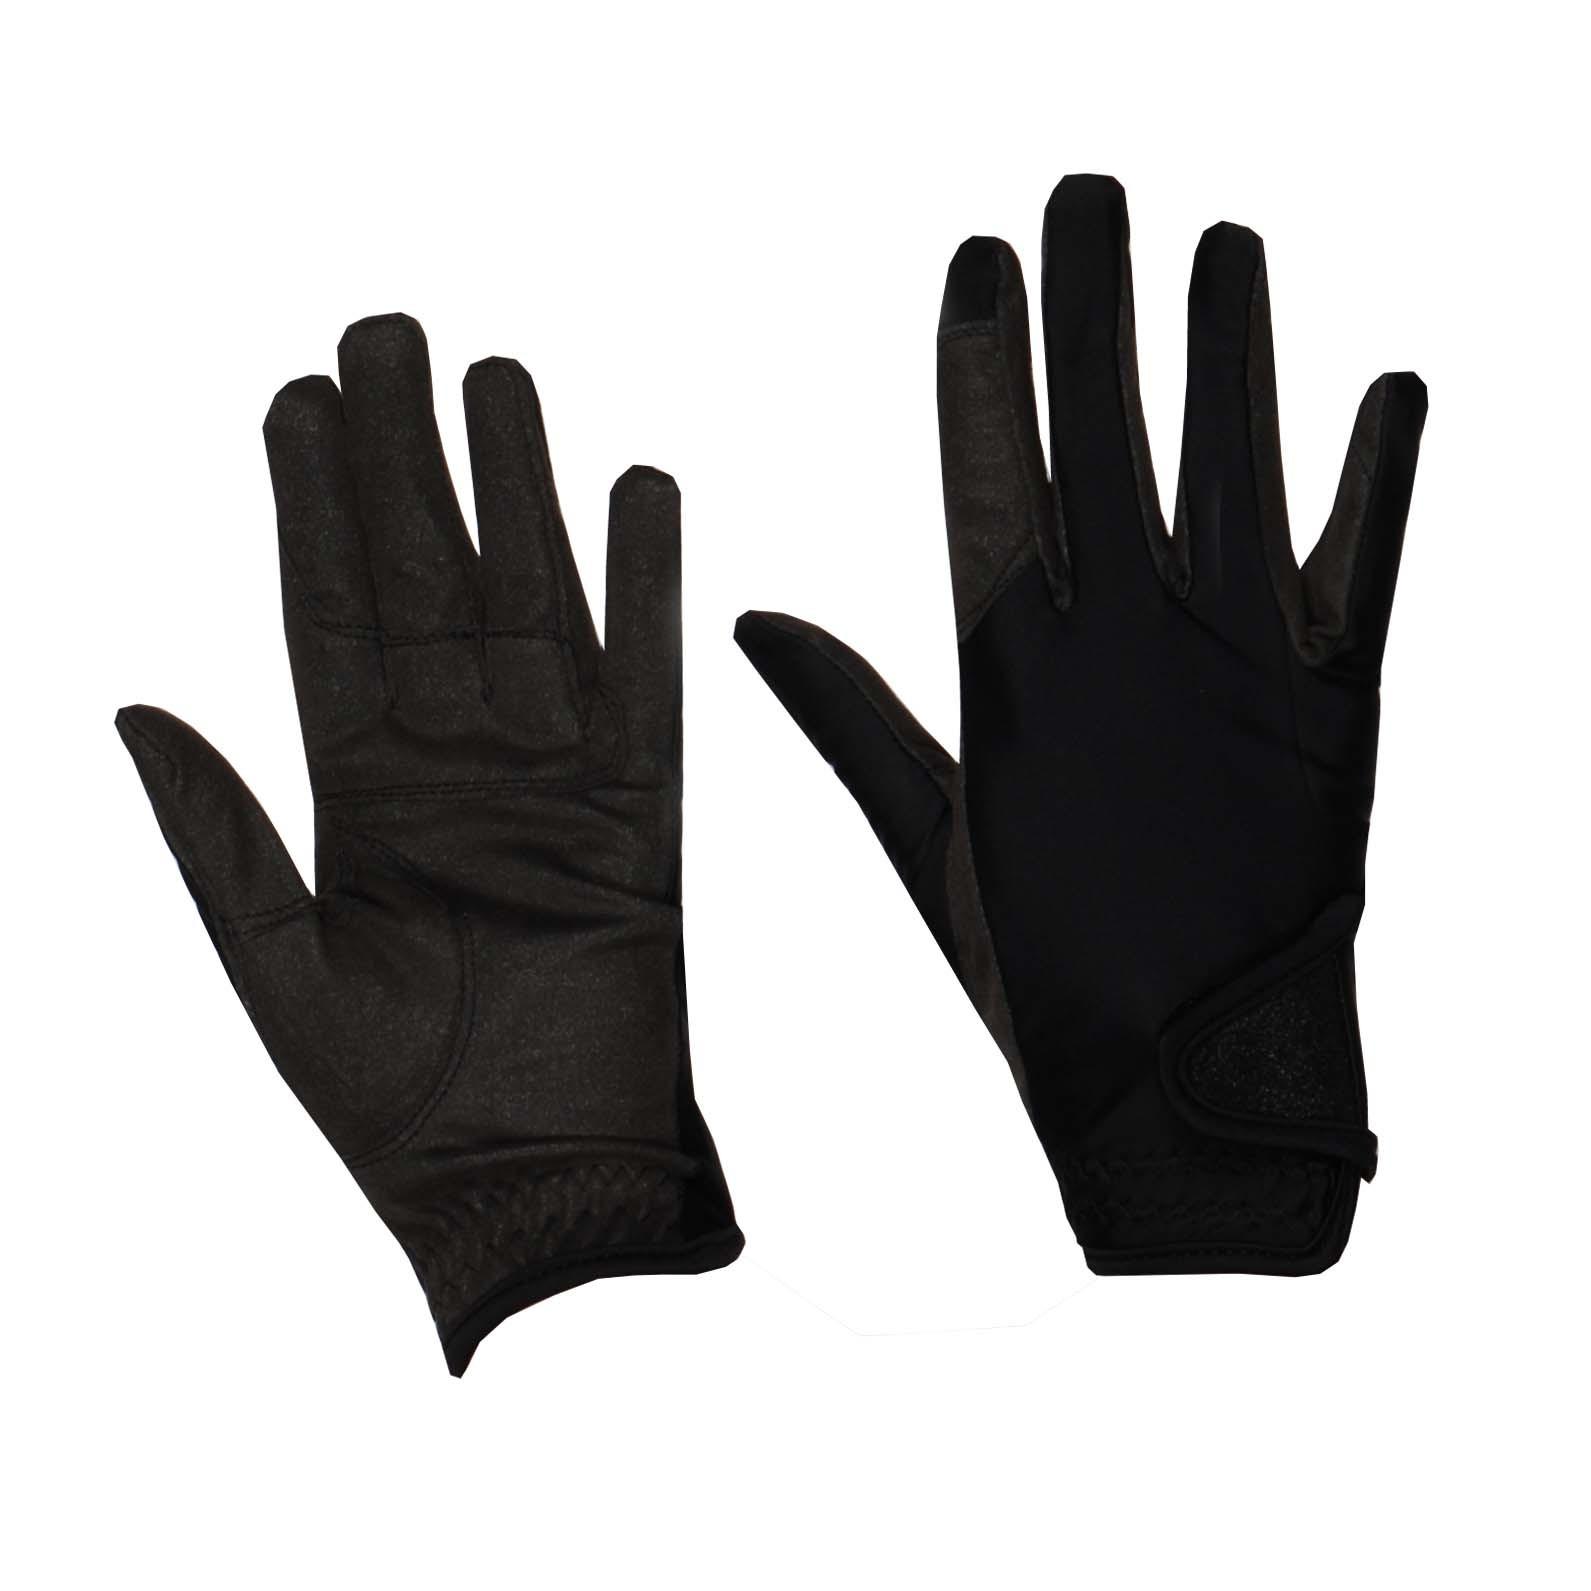 Mondoni Medellin handschoenen zwart maat:xxs